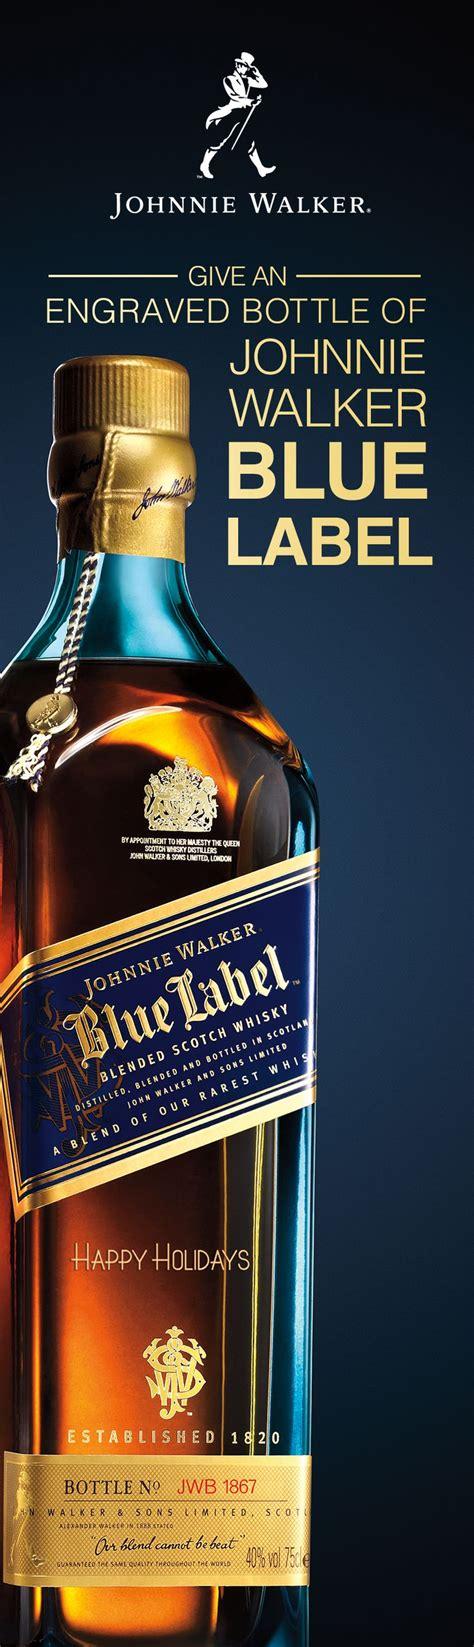 best johnnie walker whiskey best 25 johnnie walker ideas on